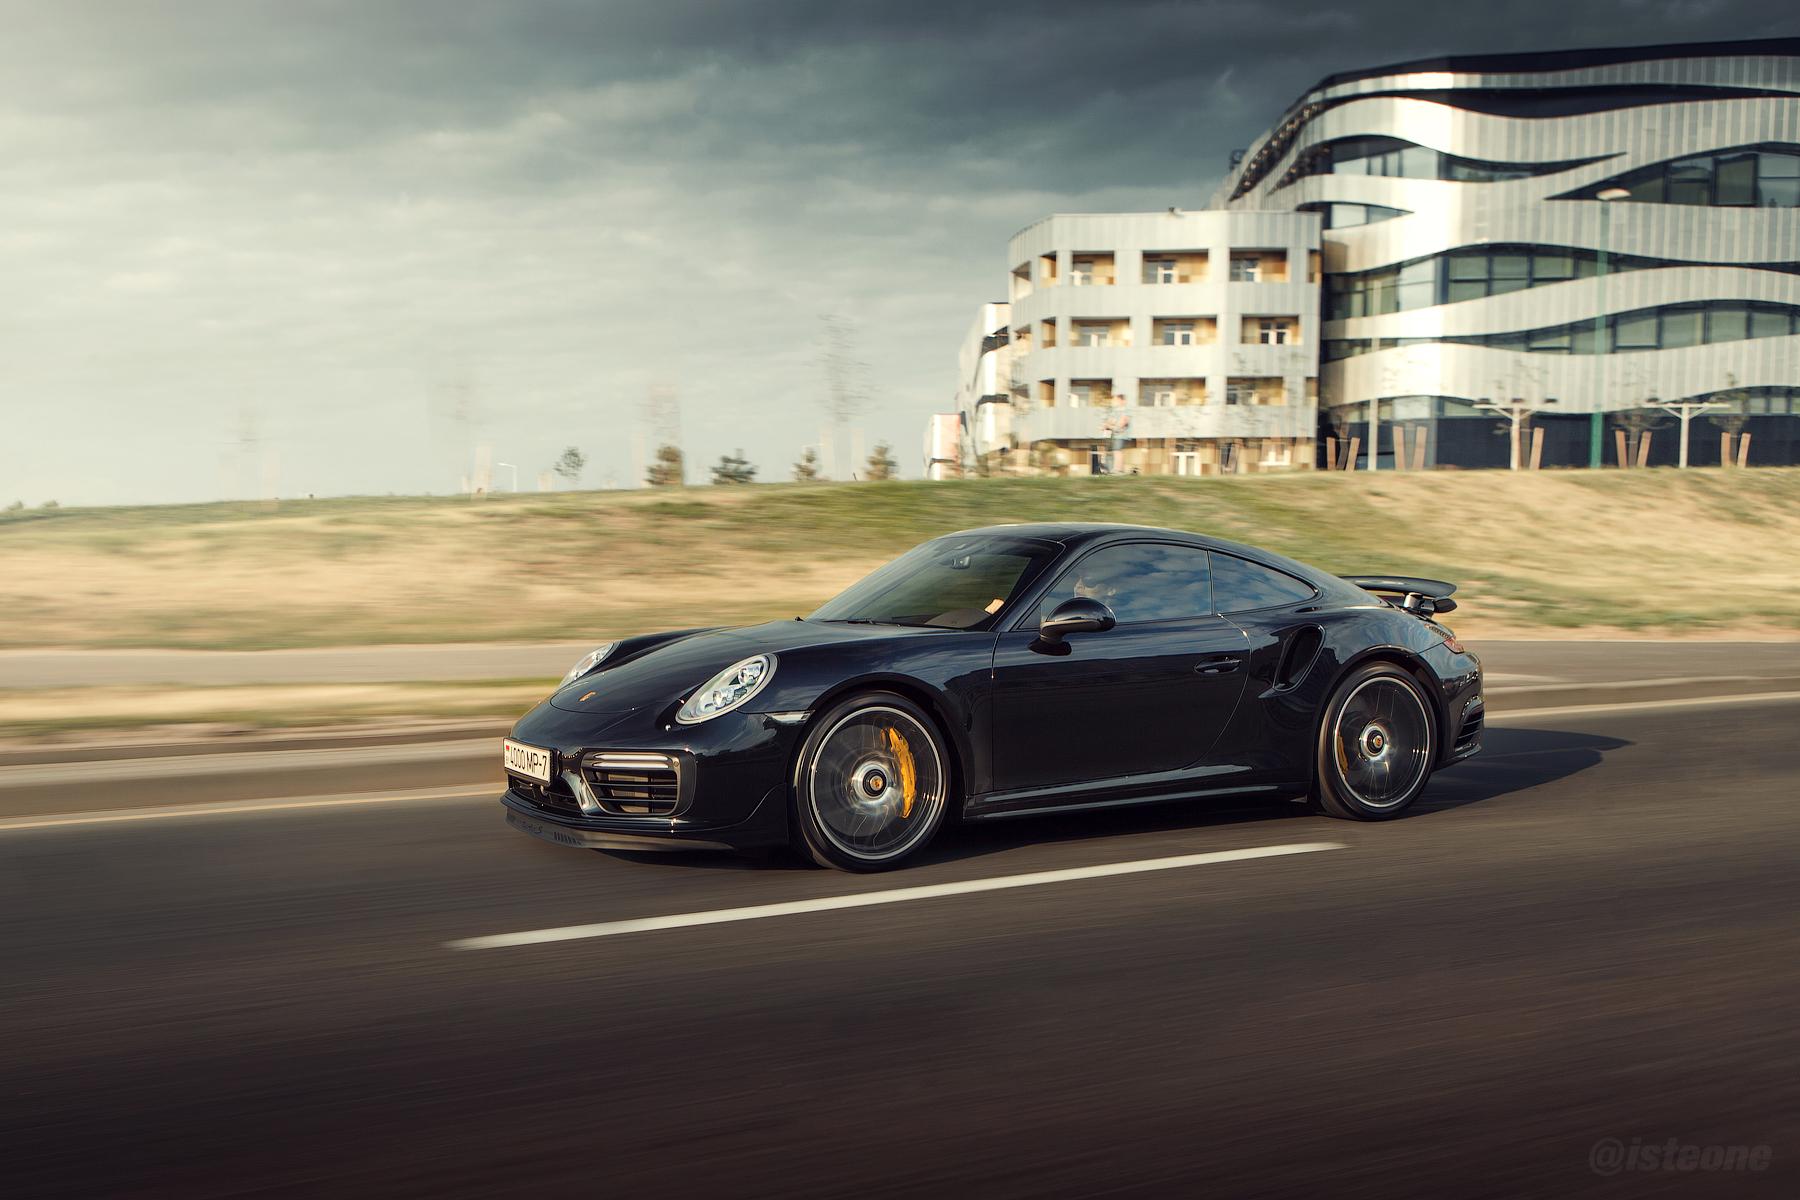 911 turbo s (11)